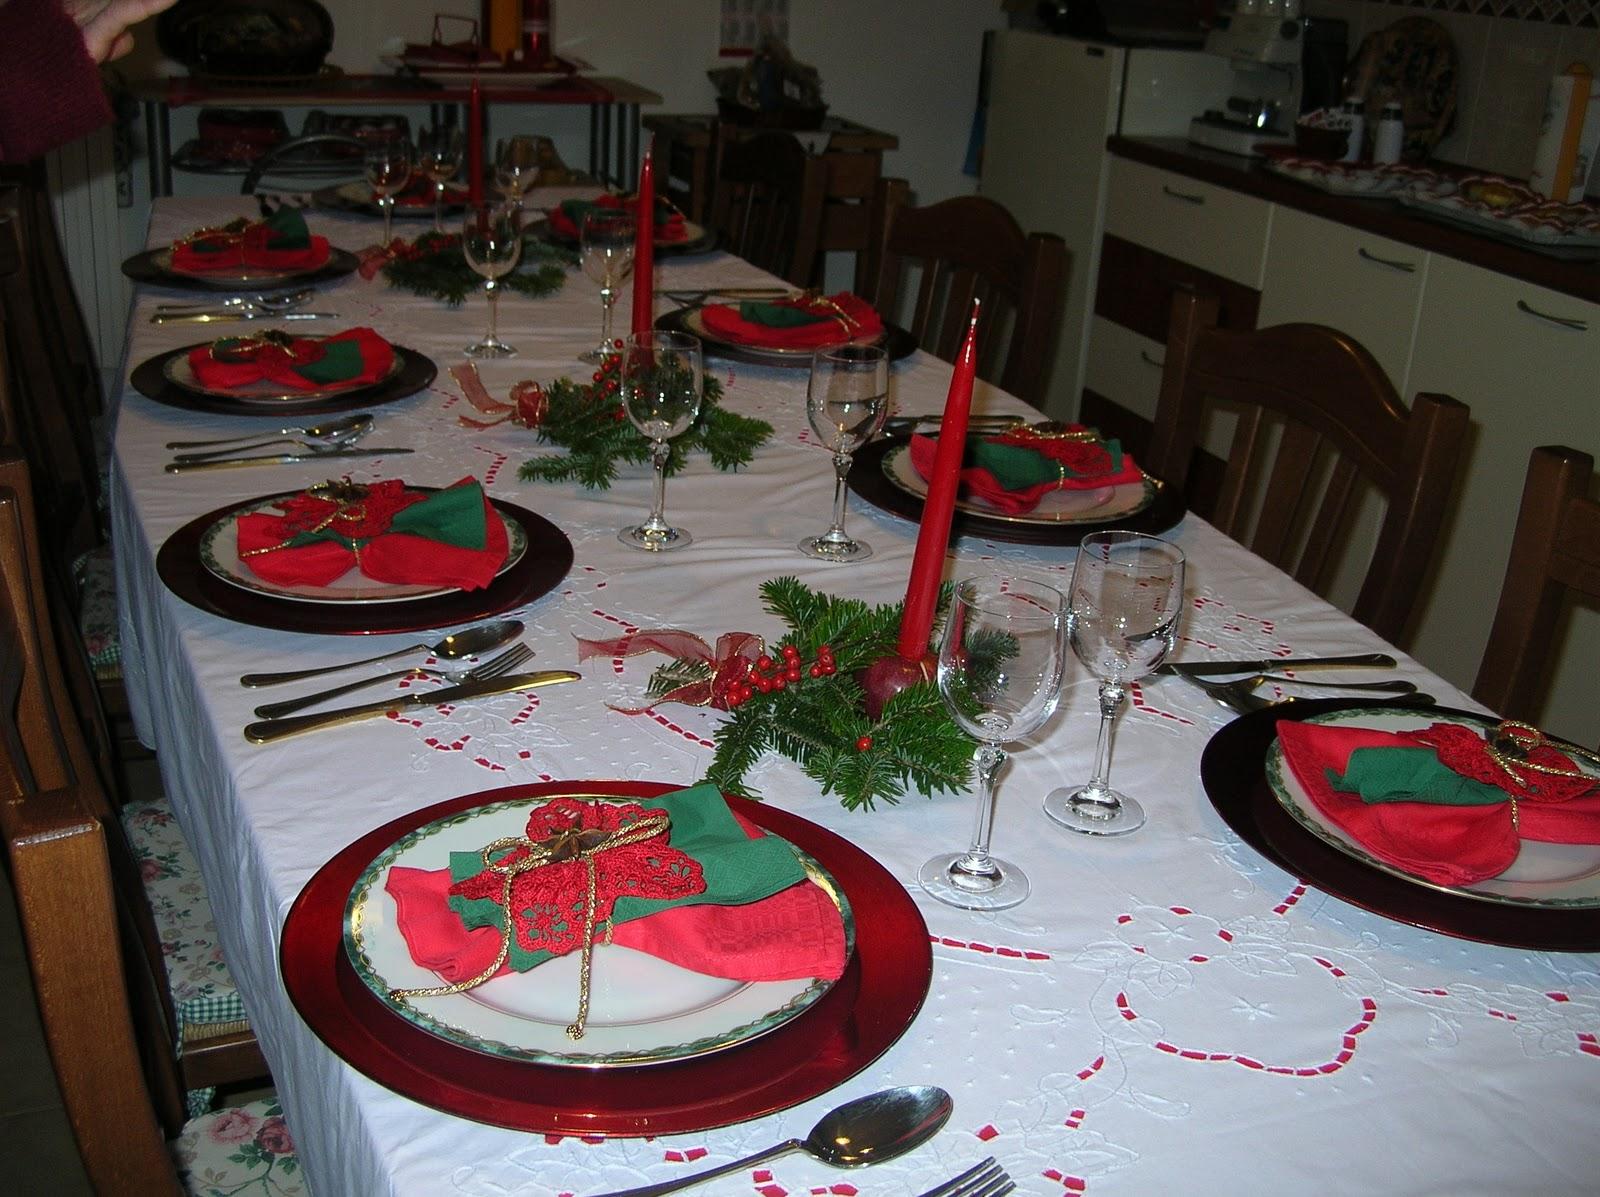 La donna in corriera un 39 idea per la tavola di capodanno - Tavola di capodanno idee ...